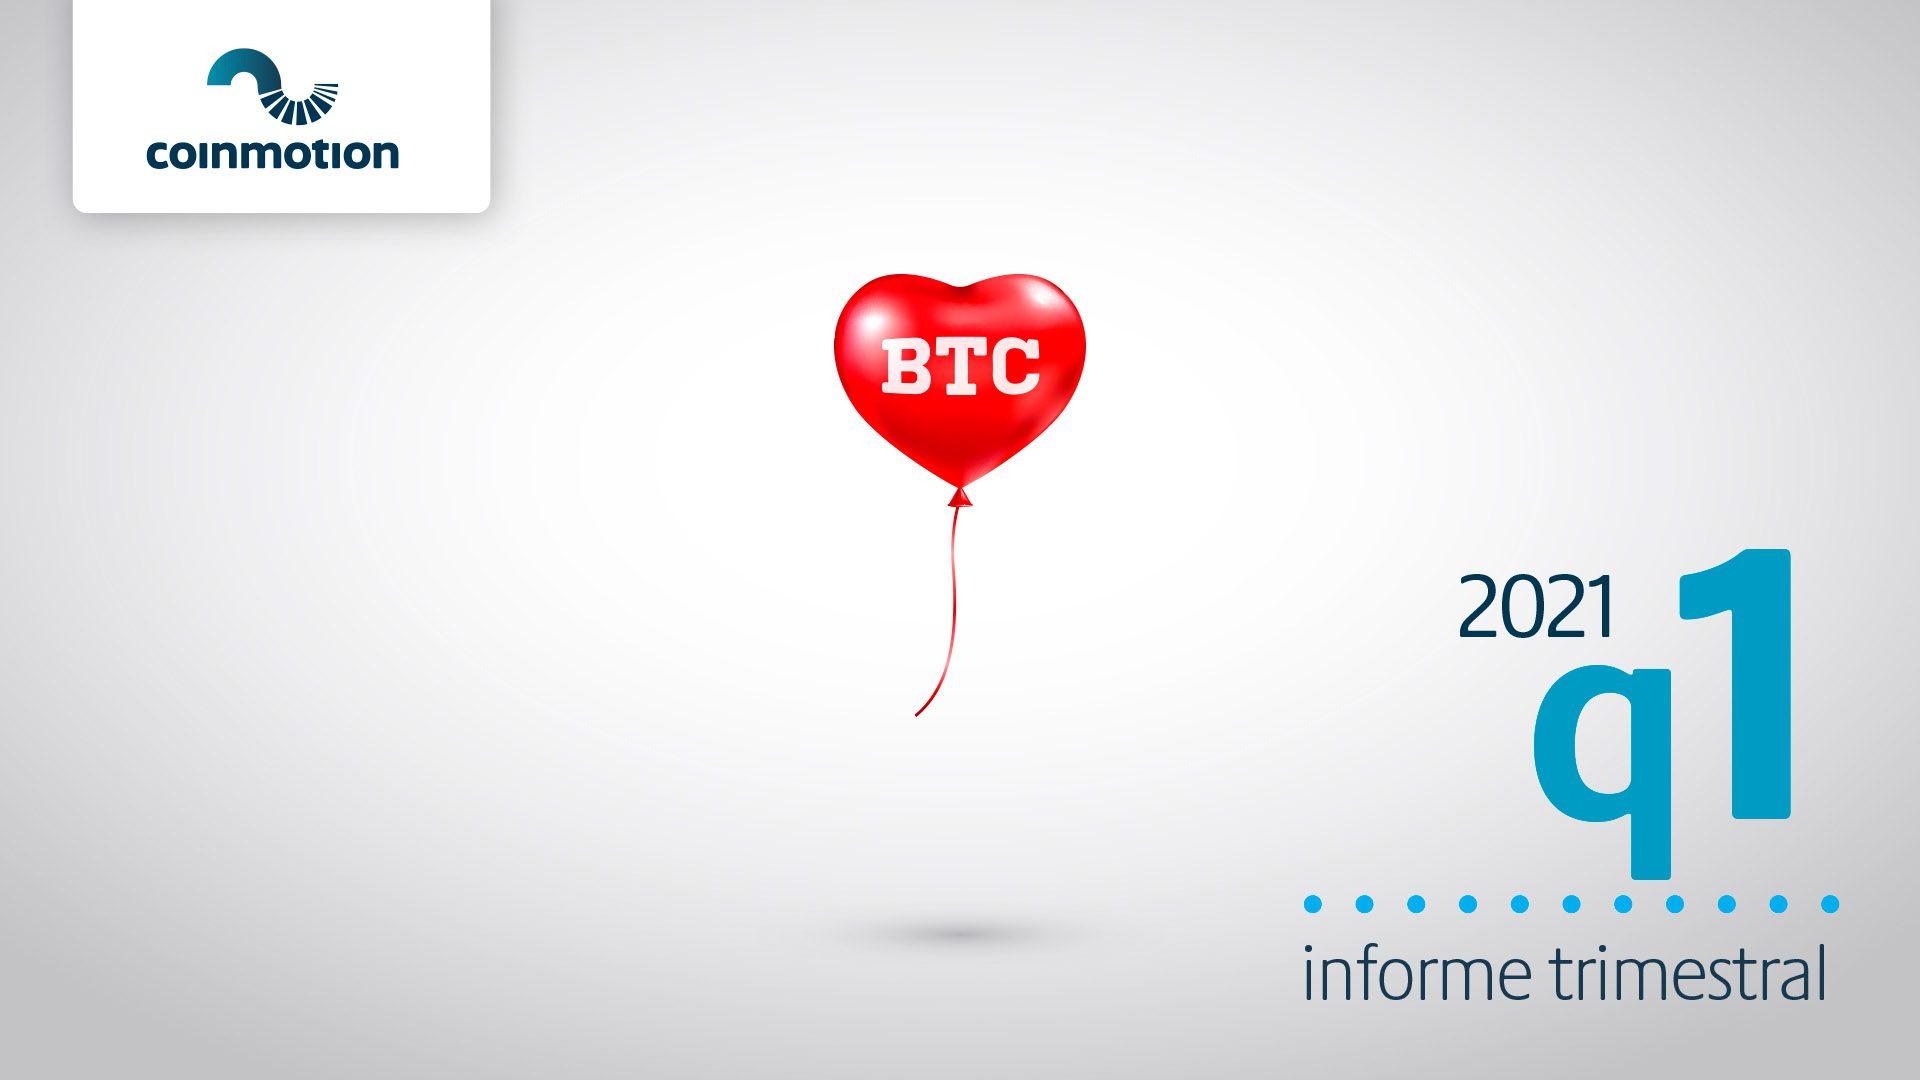 Informe análisis mercado criptomonedas q1 2021 Coinmotion